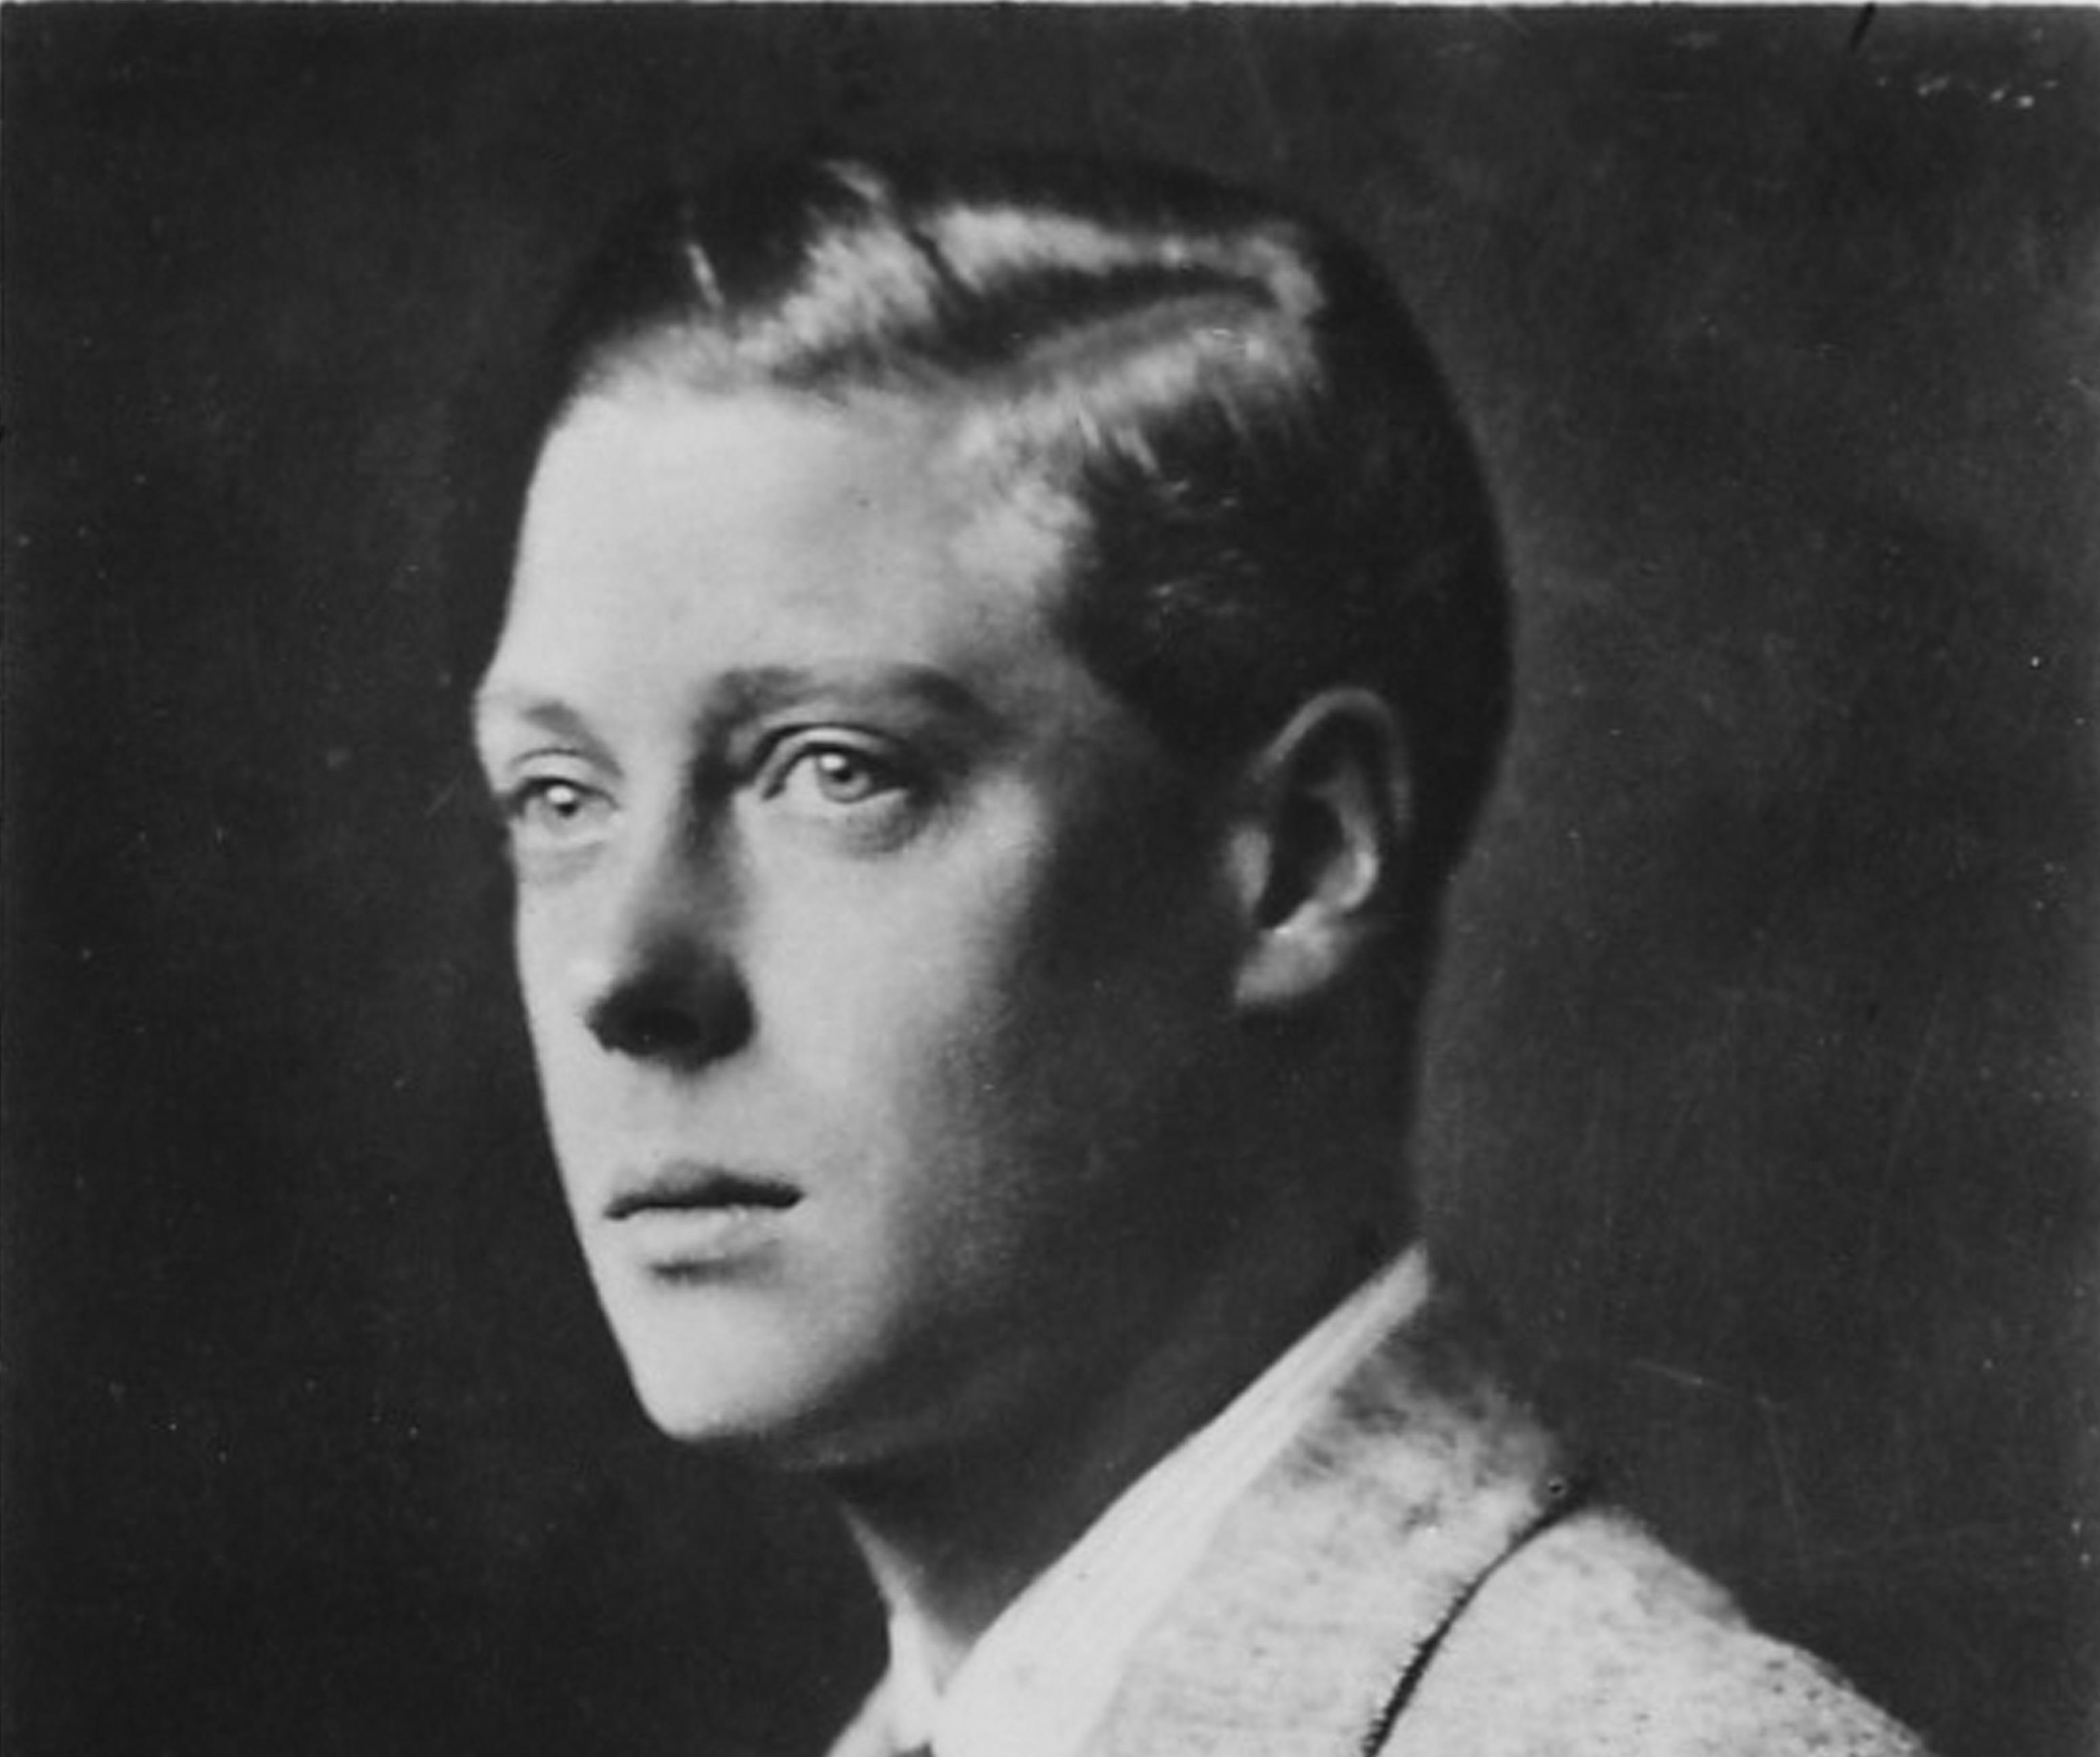 Photo of Edward VIII